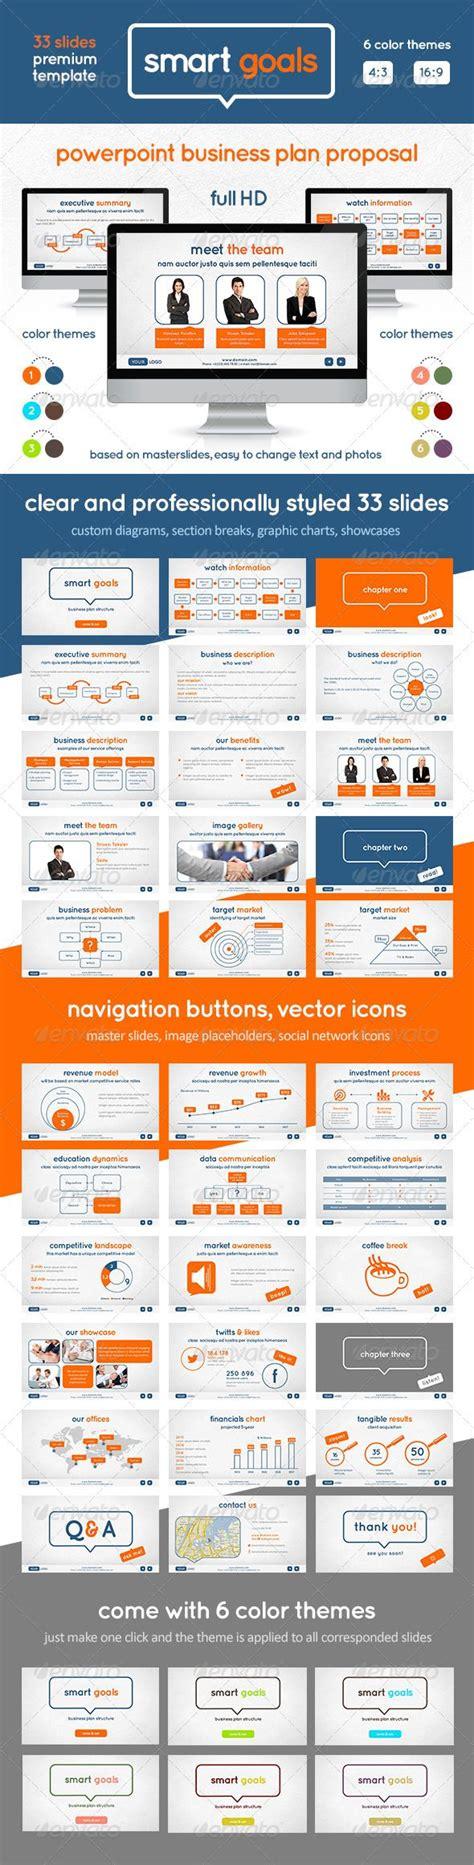 powerpoint smart templates smart goals powerpoint template powerpoint 2010 fonts